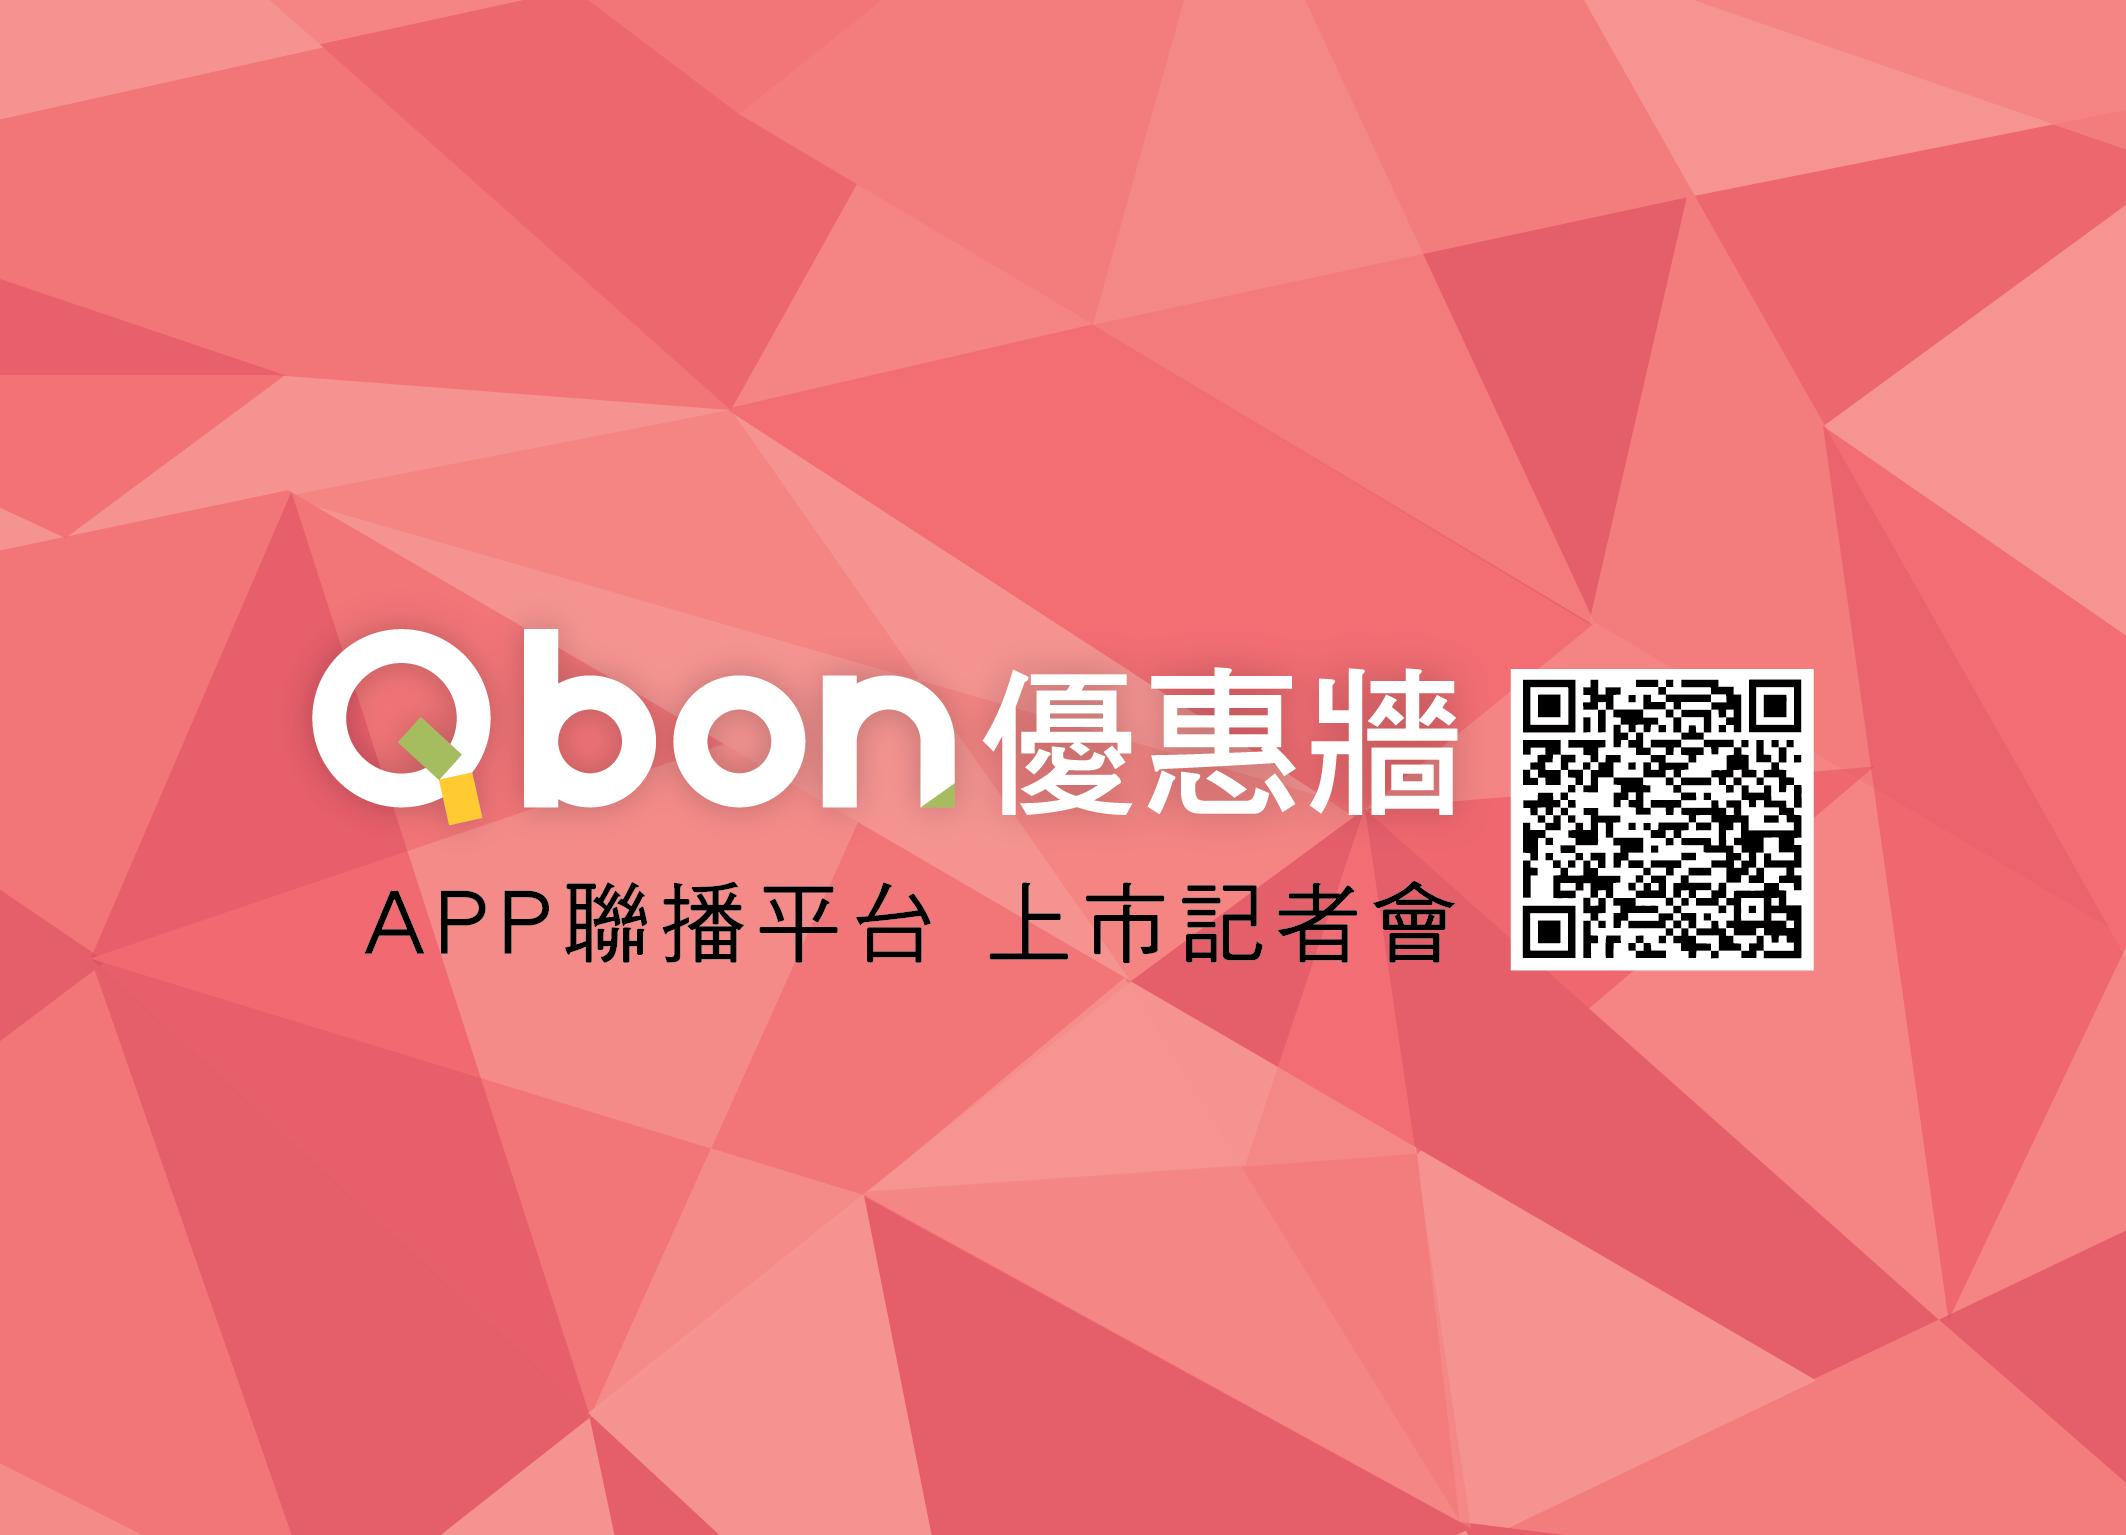 行動商務領導品牌時間軸科技推出全球首創360度O2O虛實整合新模式 Qbon 優惠牆服務成就三贏新經濟